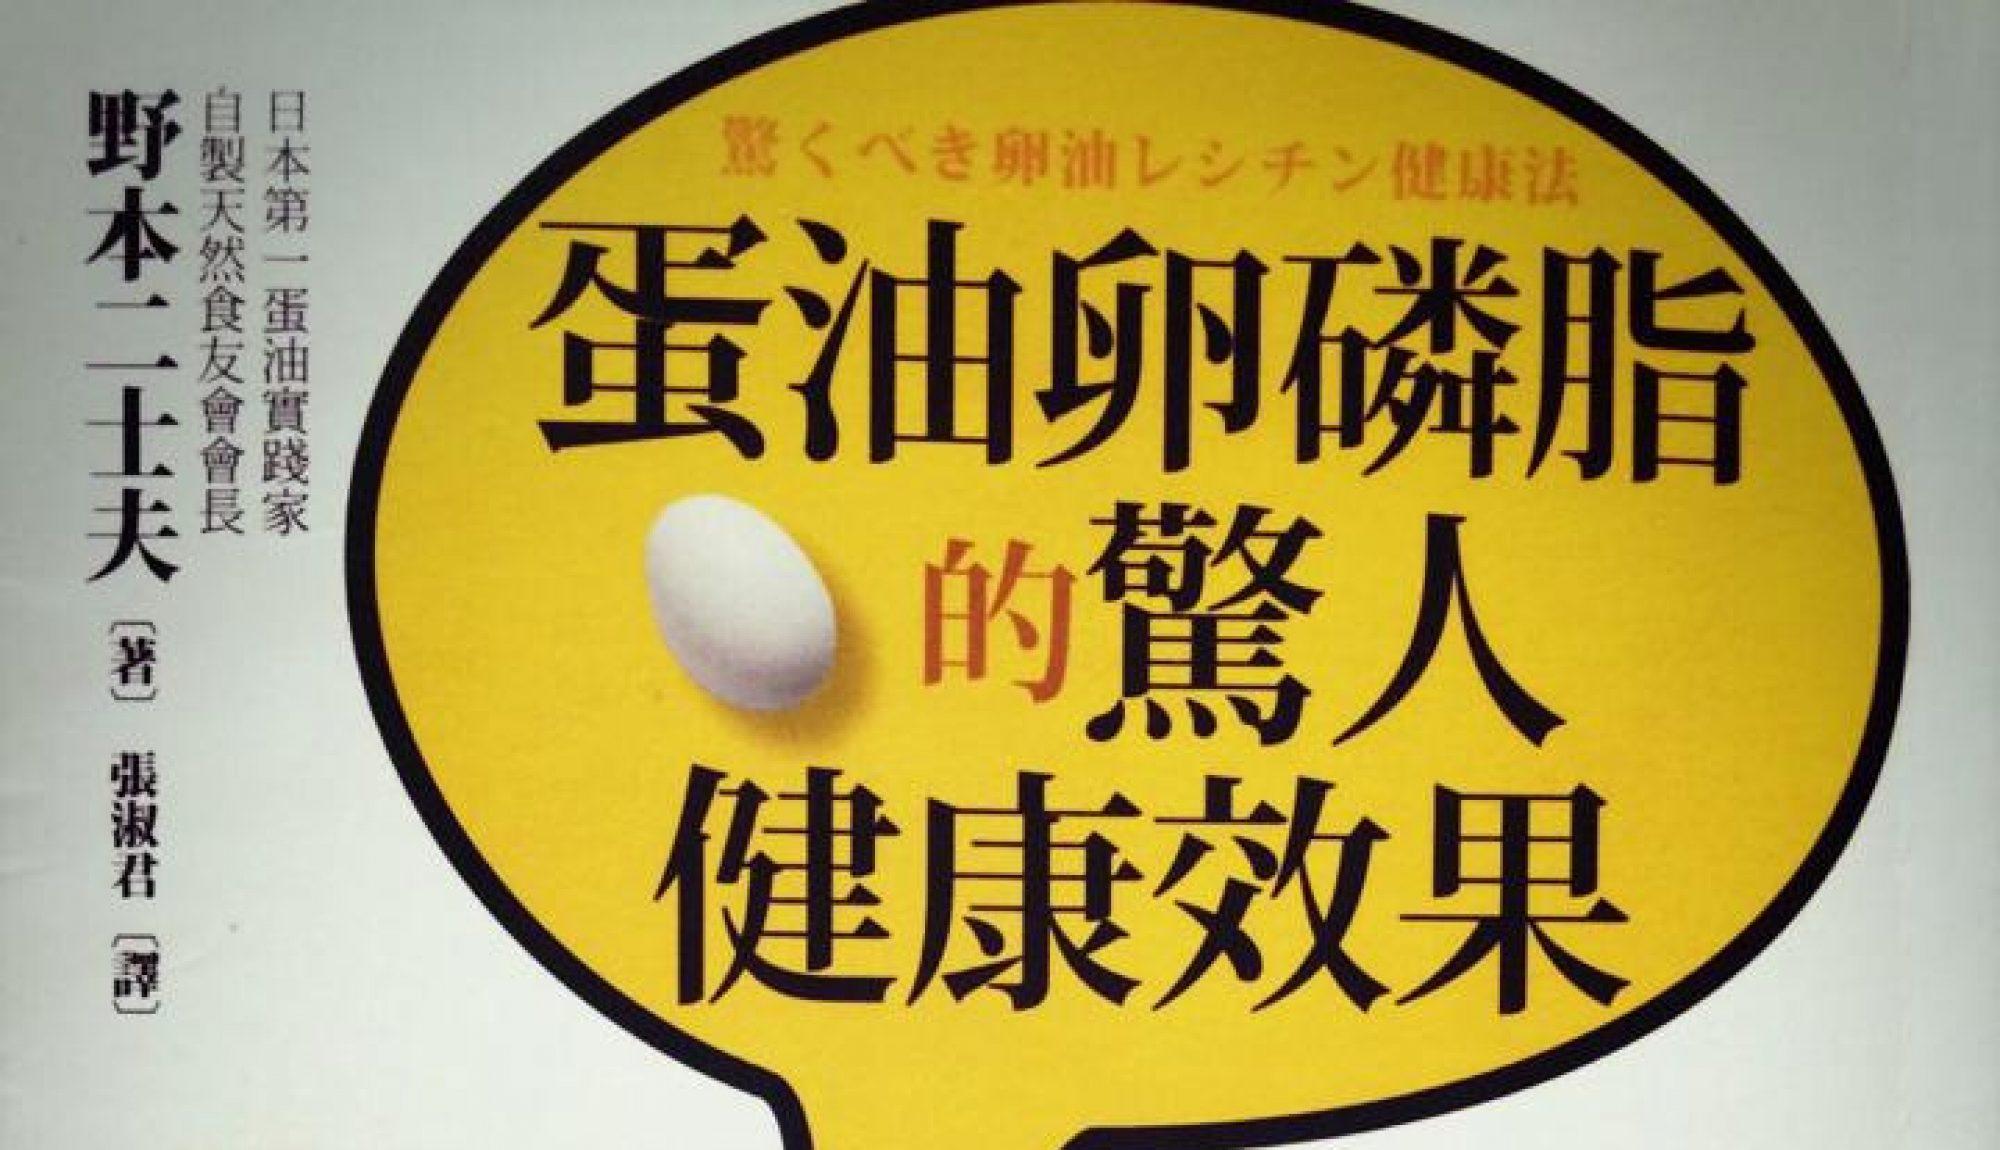 蛋黃油 卵磷脂 卵油 eggsoil